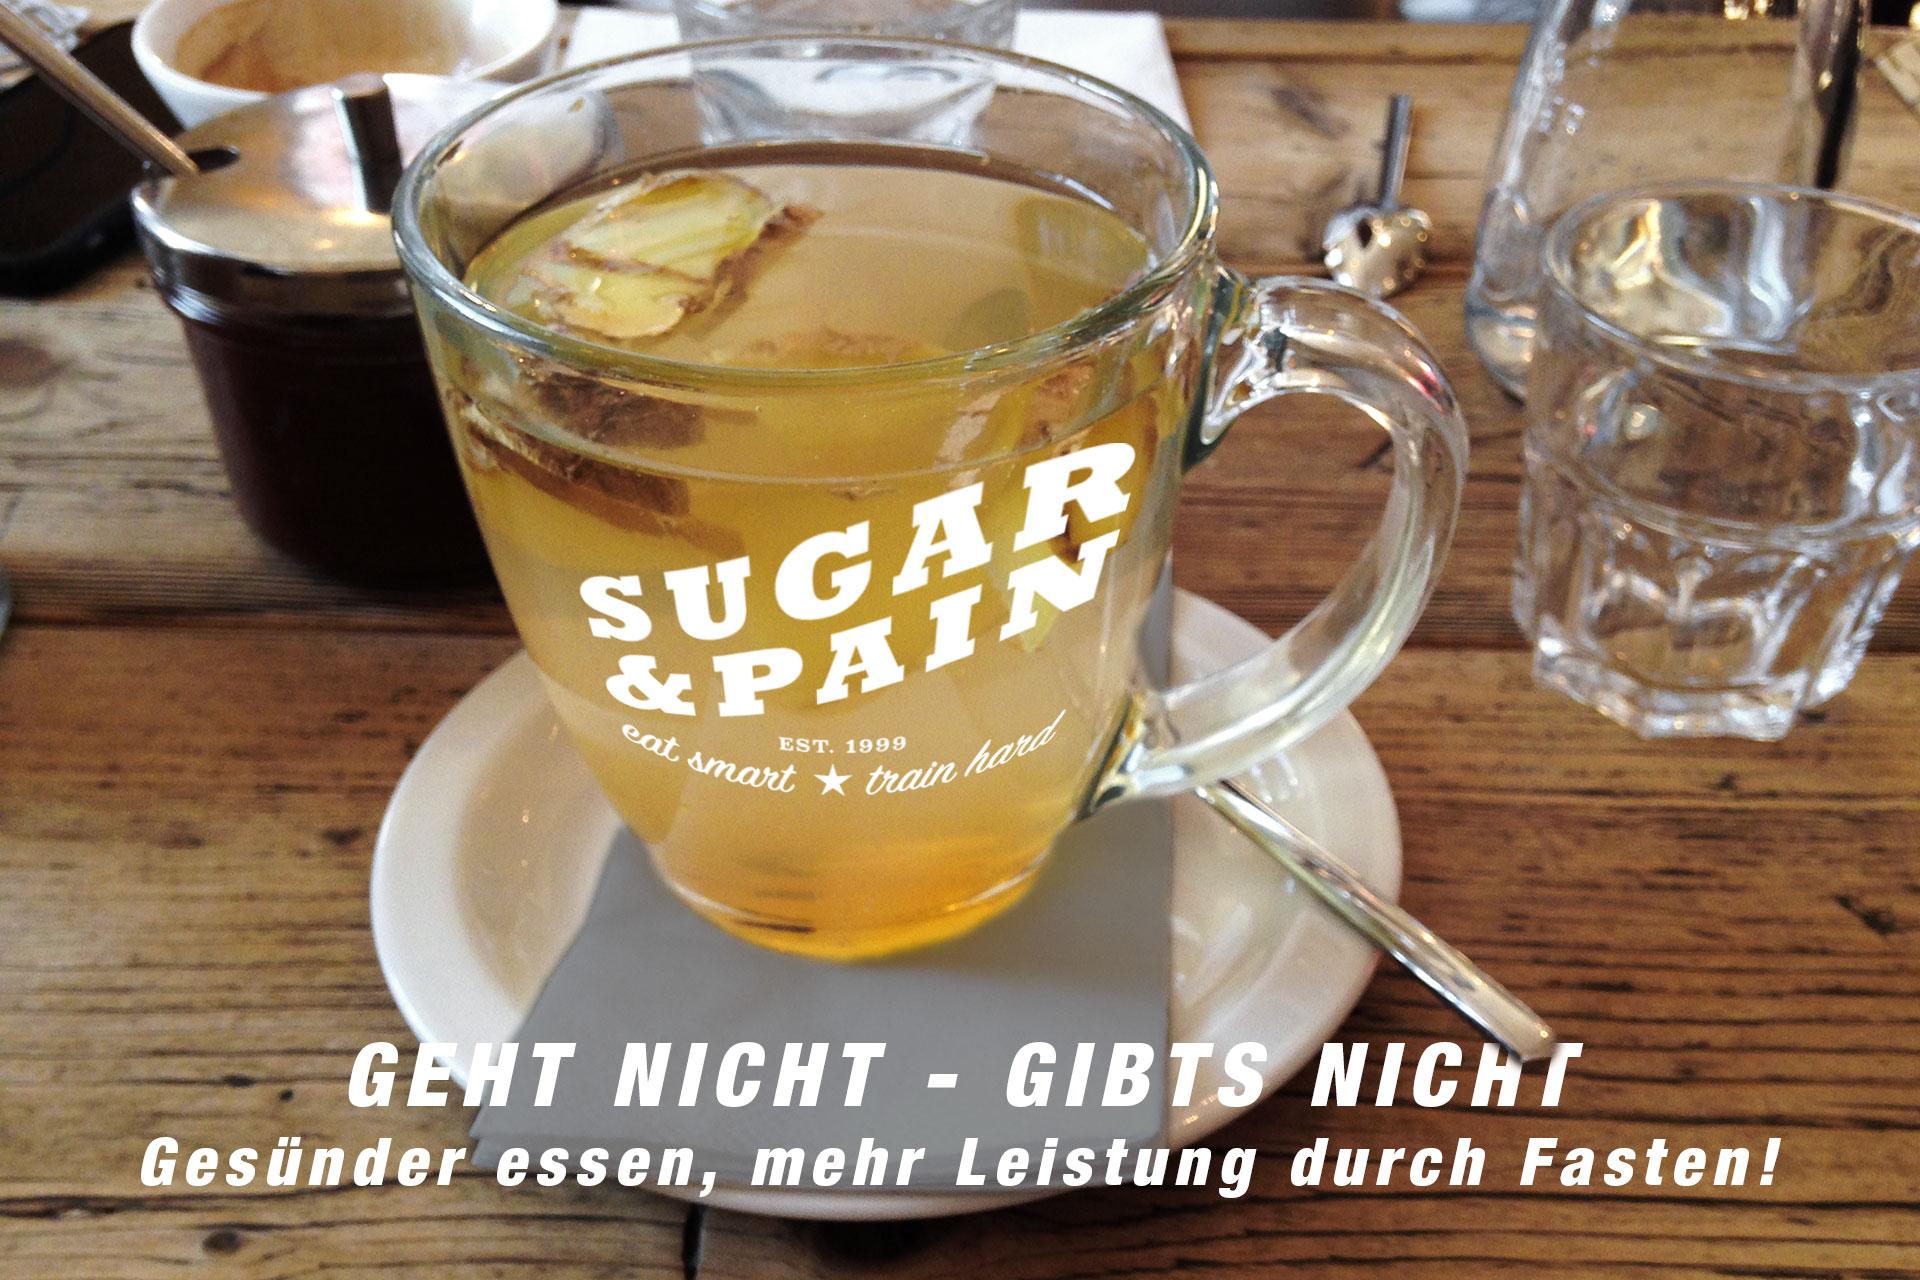 GEHT NICHT - GIBTS NICHT Gesünder essen, mehr Leistung durch Fasten! © stefandrexl.com